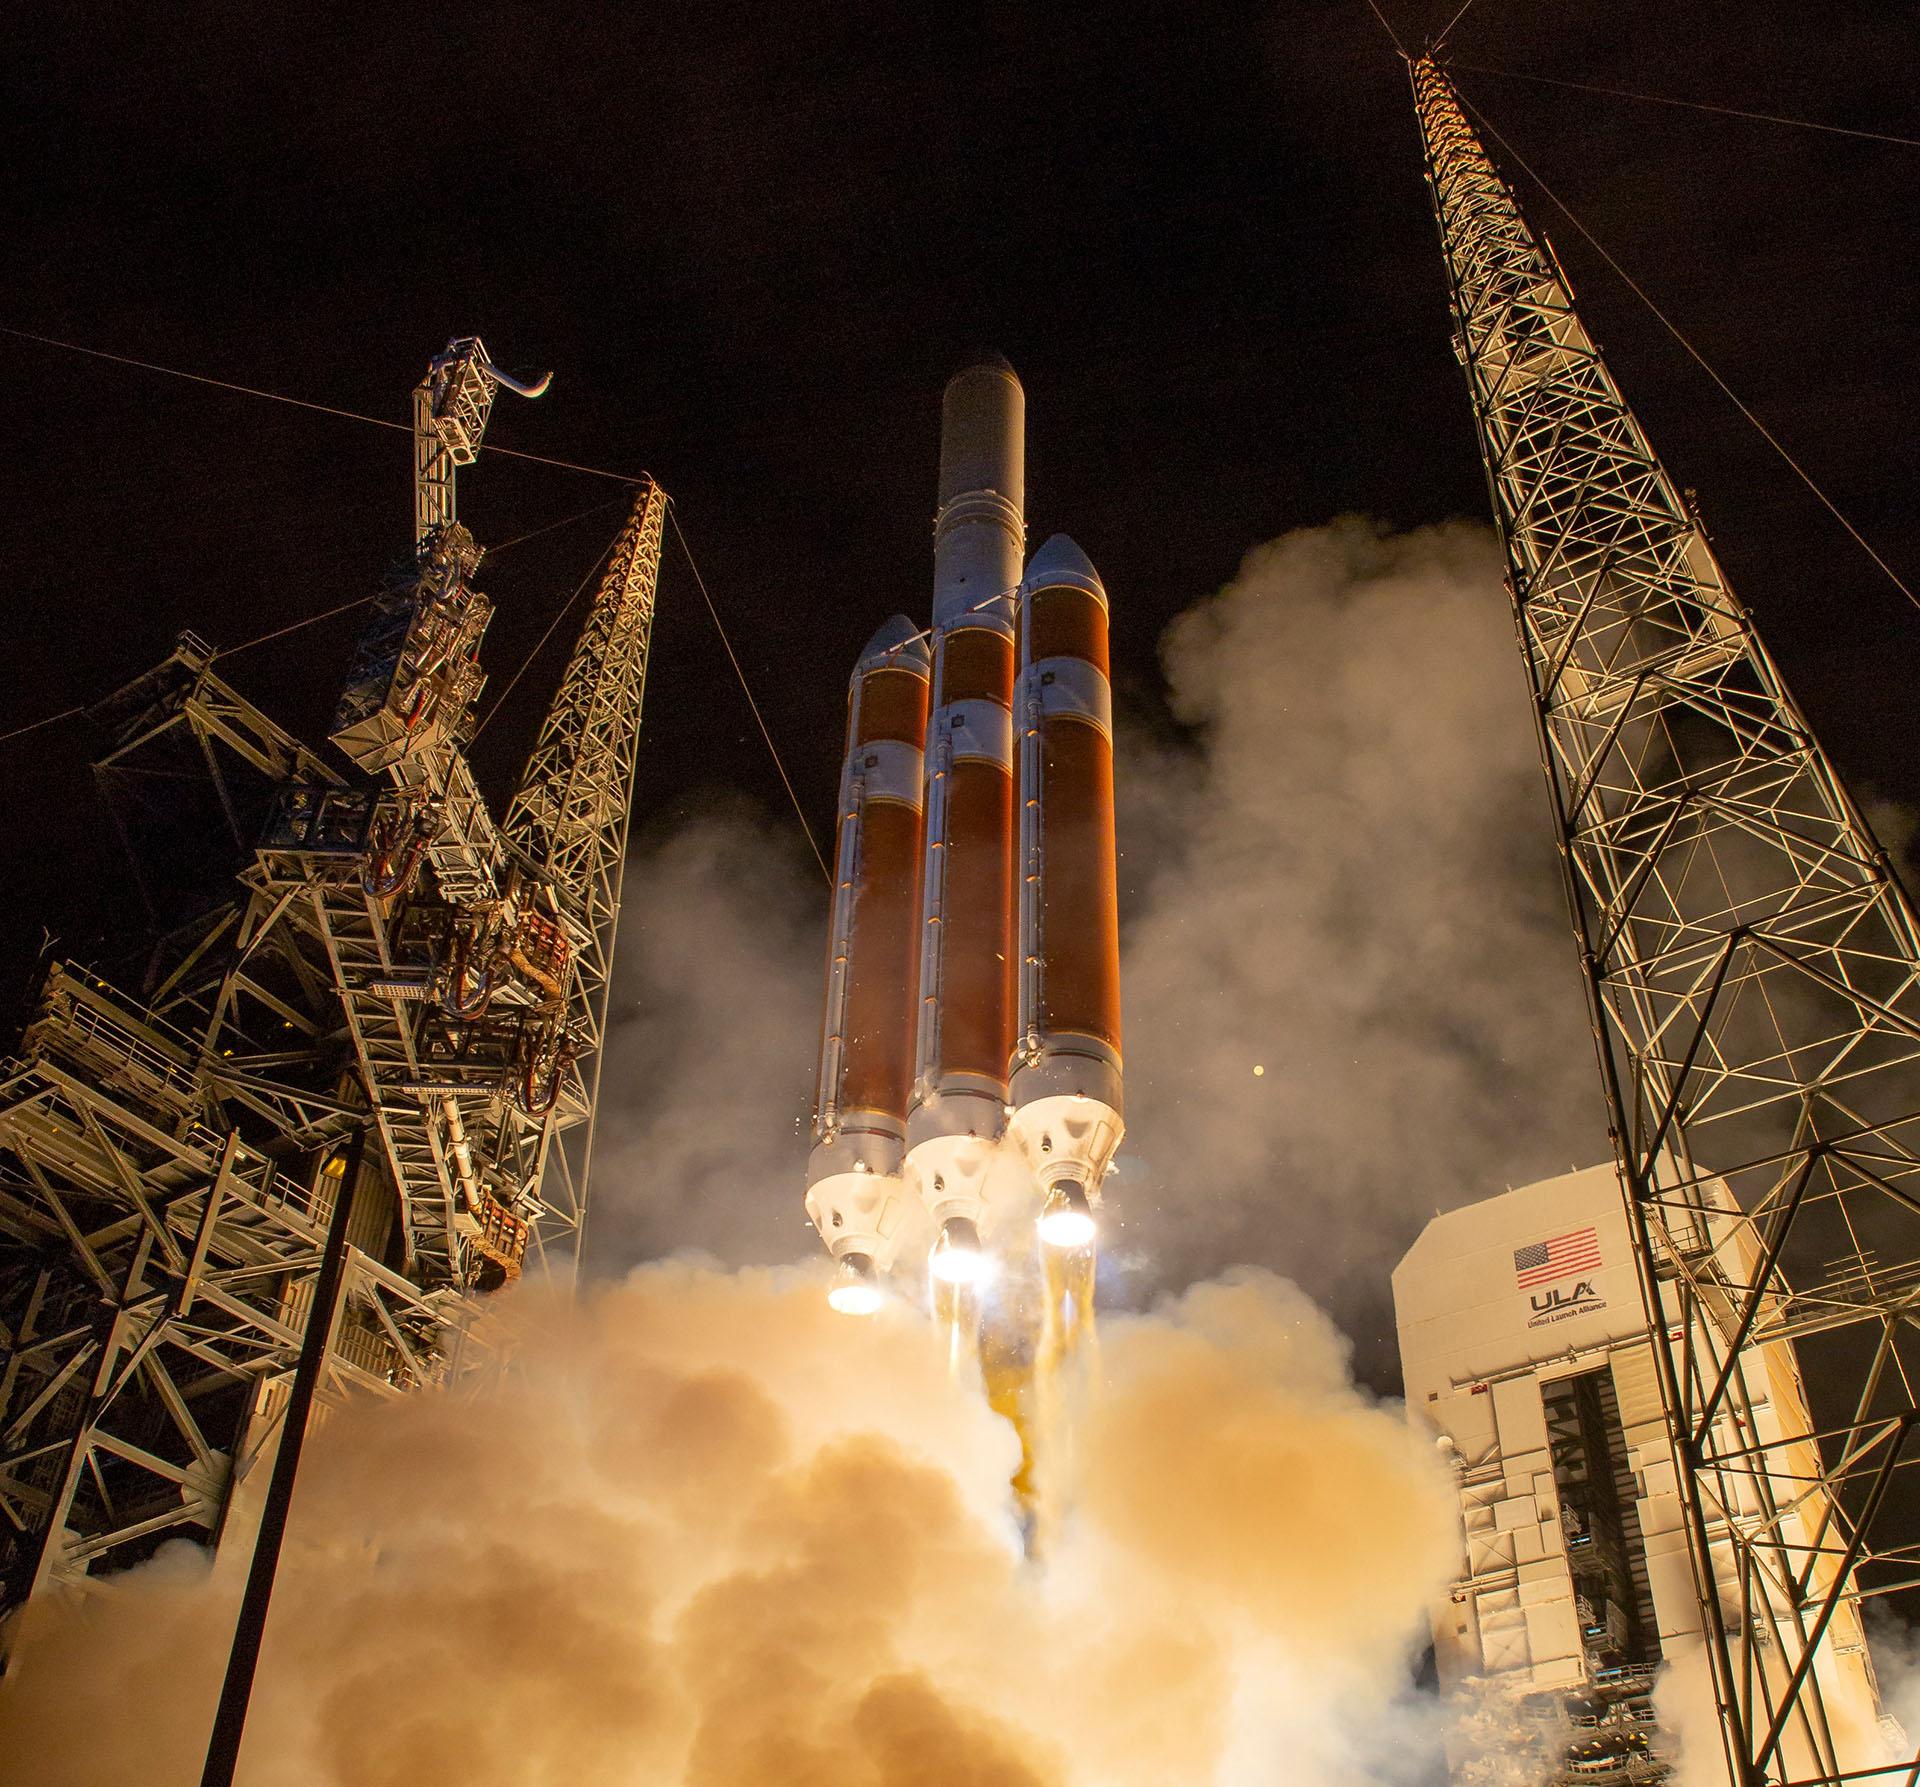 Pocos minutos después del lanzamiento el cohete se desprendió de sus tres propulsores, como estaba programado y prosiguió su avance sin incidencias ya con el segundo motor principal funcionando correctamente tras un proceso de apagado y encendido igualmente previsto